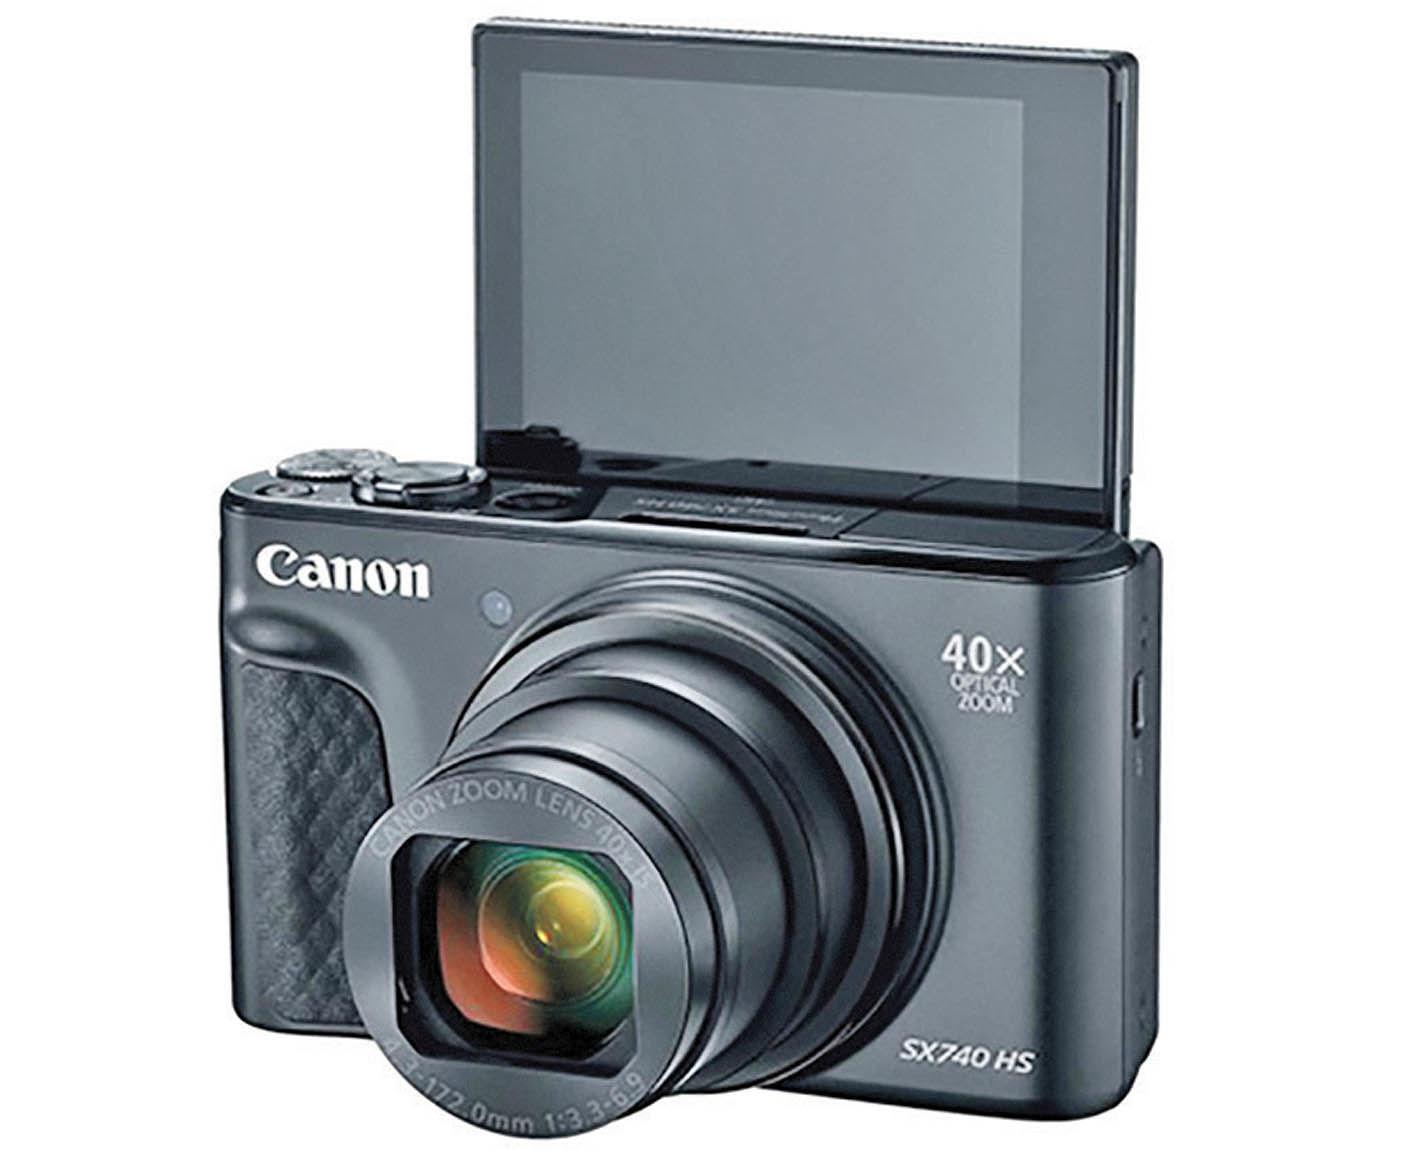 معرفی دوربین کامپکت جدید کانن با زوم ۴۰ برابری